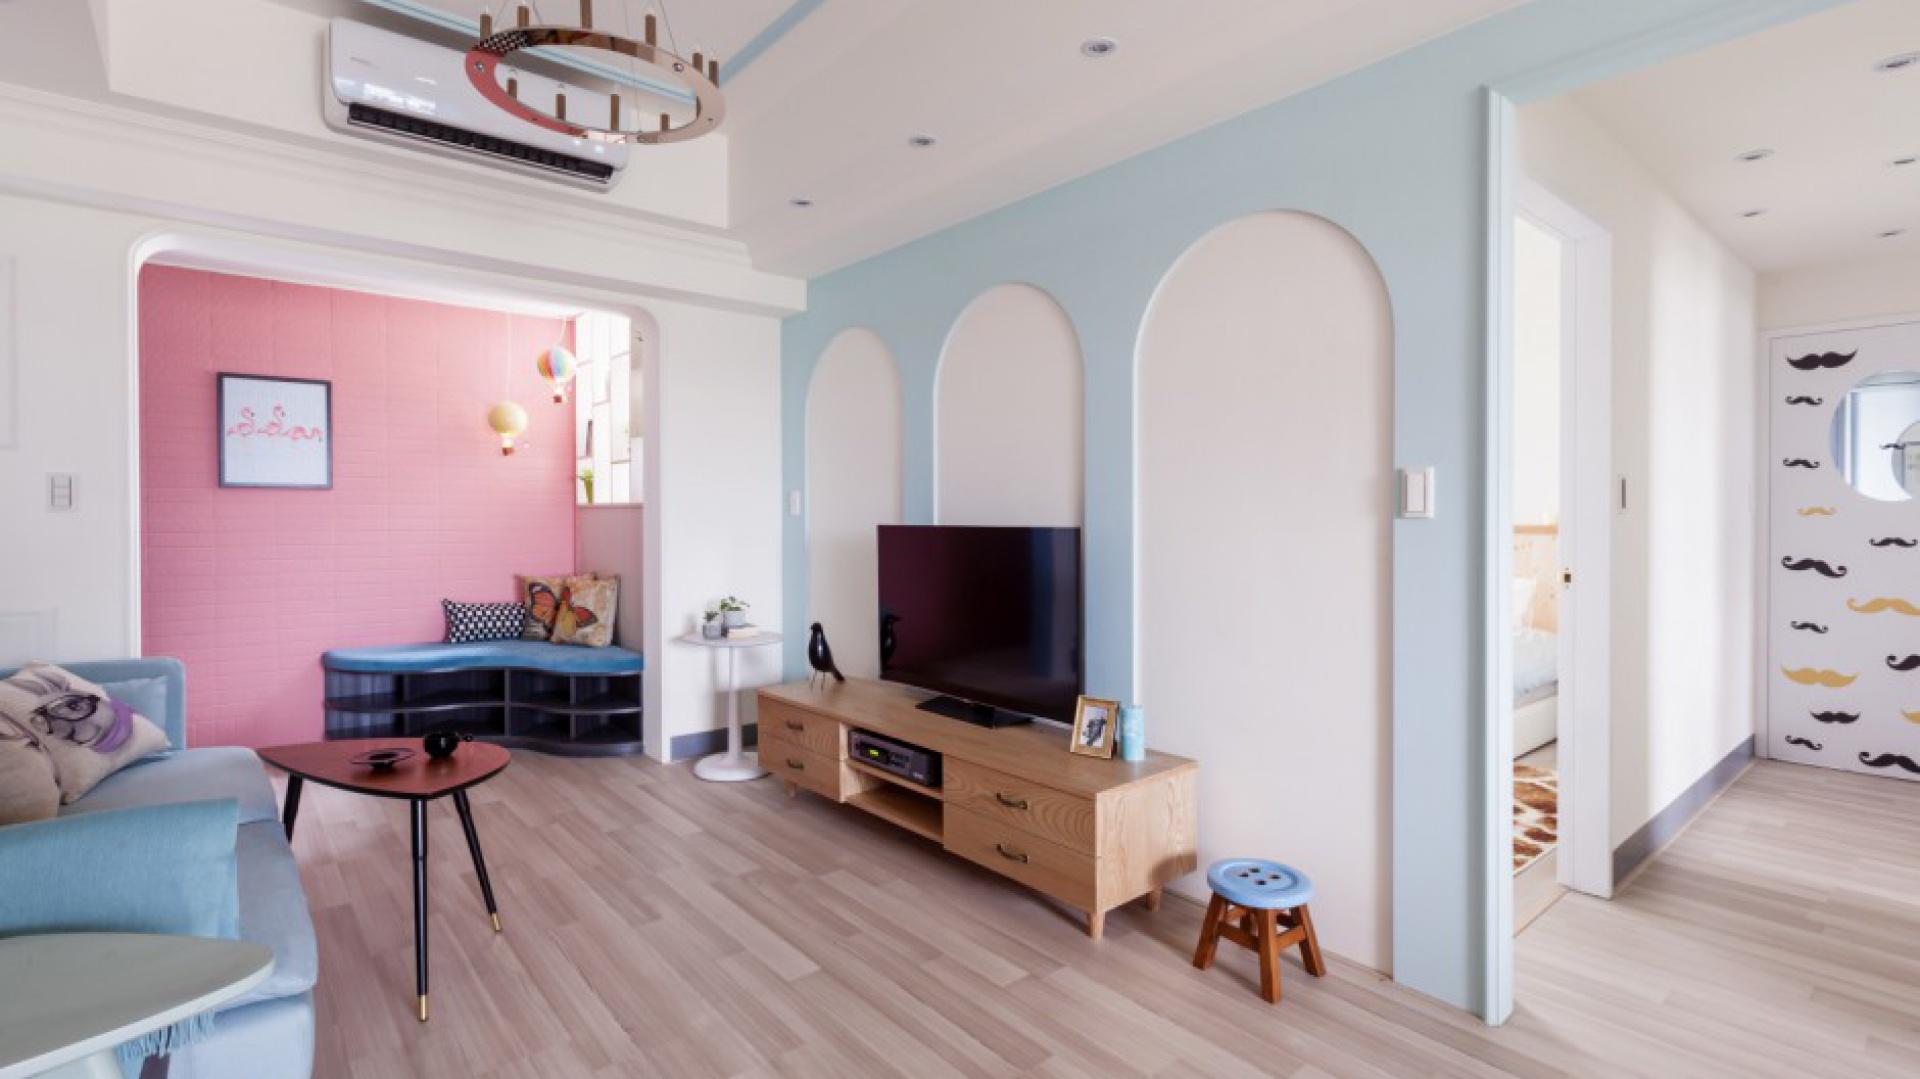 Mimo mnogości użytych kolorów, wnętrze nie jest krzykliwe ani nie przytłacza. Efekt urokliwej, ale delikatnej przestrzeni uzyskano dzięki harmonii intensywnych barw ze stonowanymi pastelowymi kolorami. Równowagę estetyczną zapewniają także bogato użyta biel na ścianach oraz drewno w naturalnej kolorystyce. Fot. Hey! Cheese.